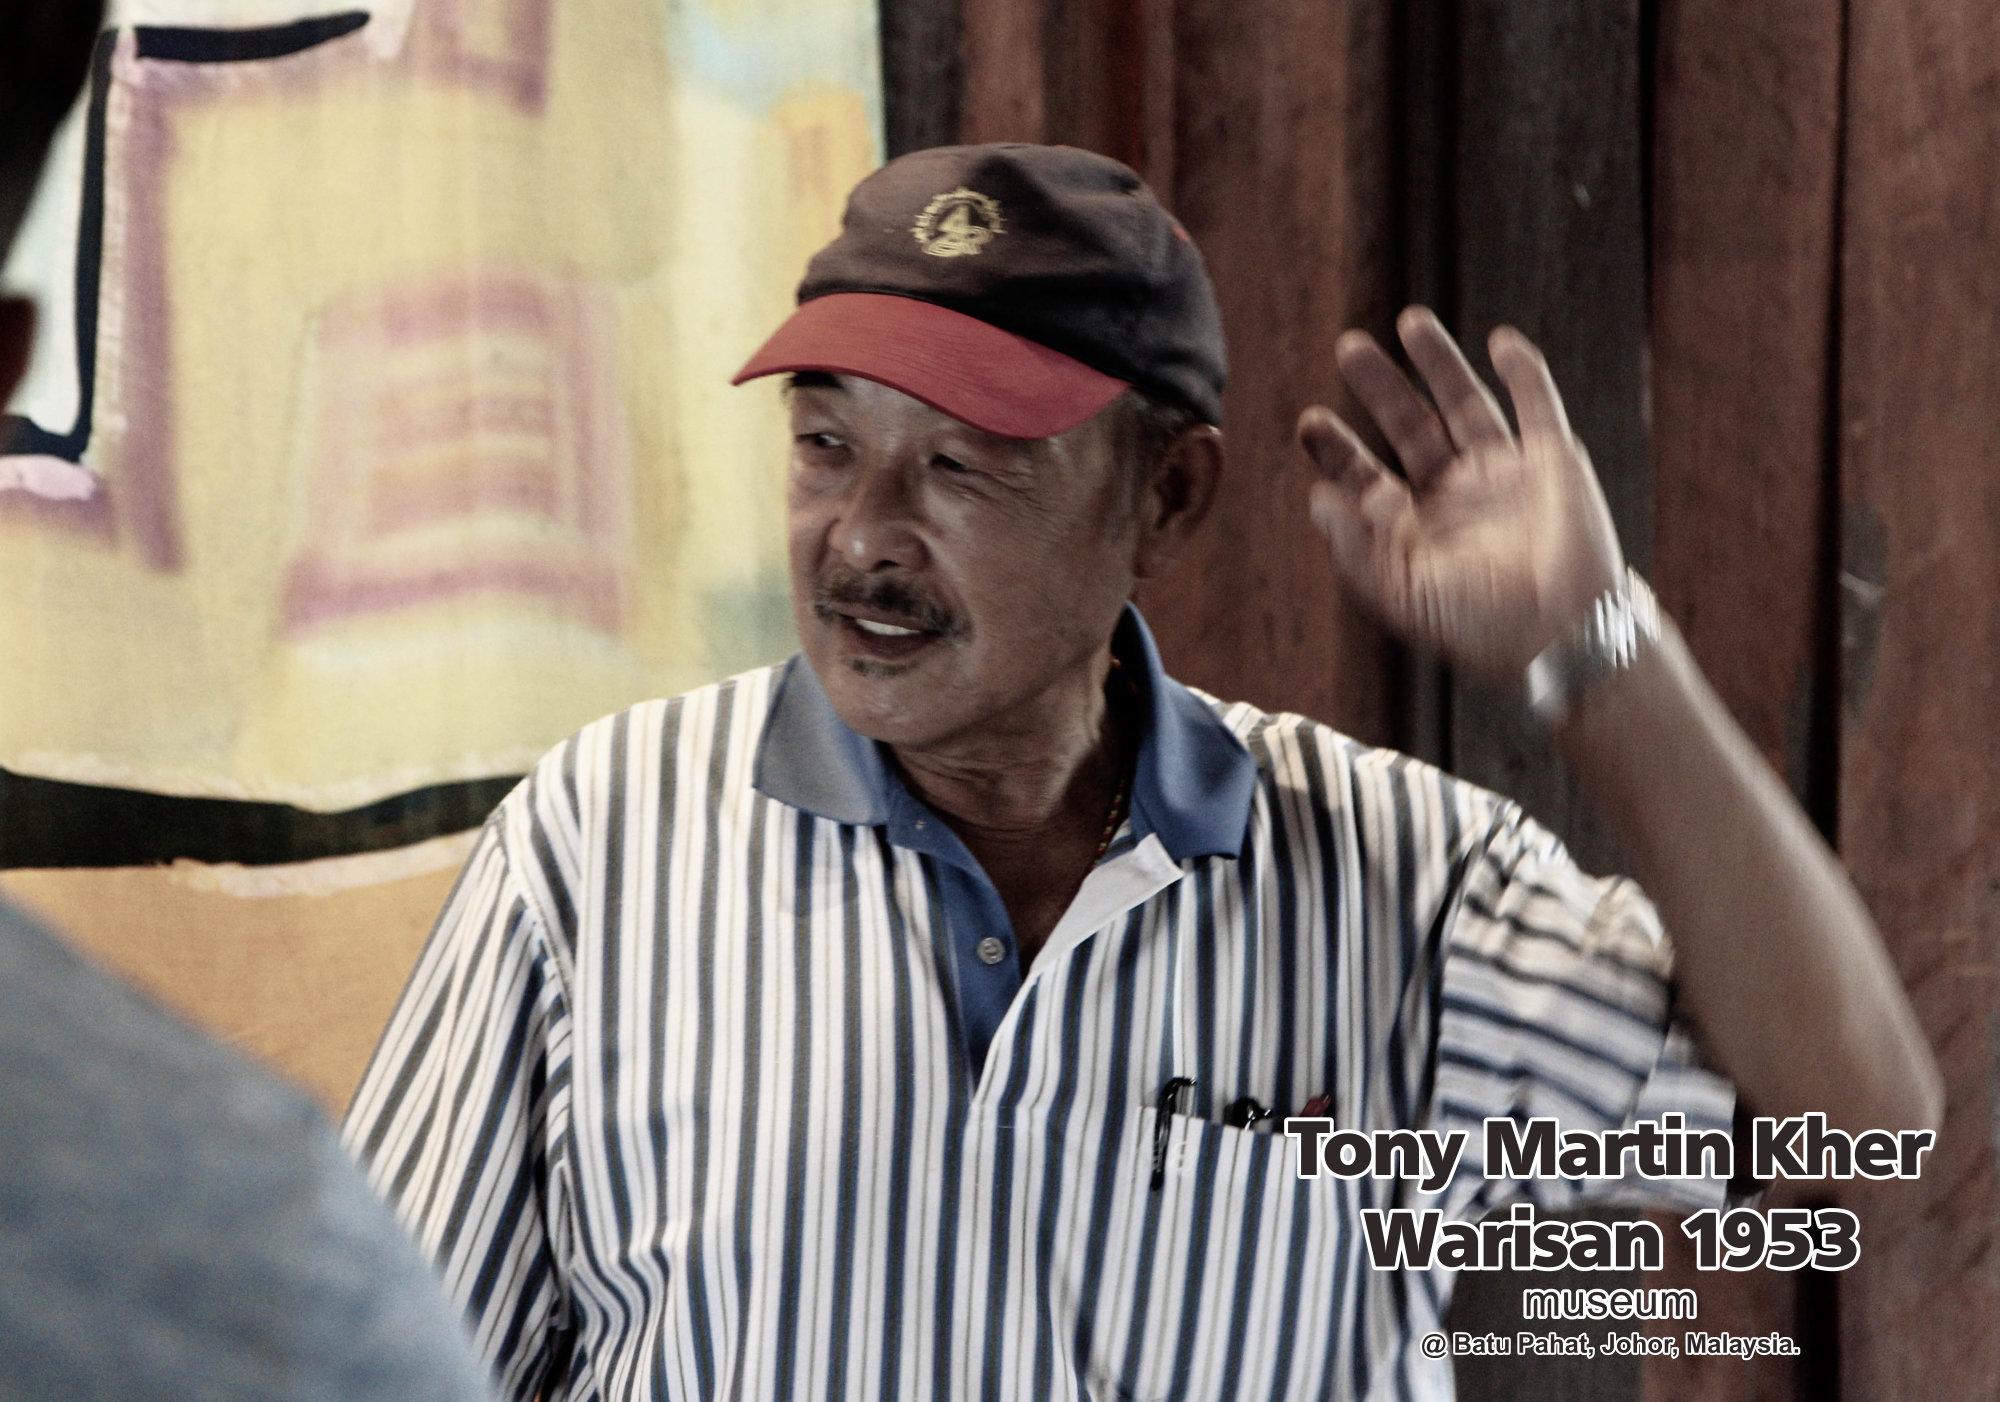 Tony Martin Kher founder of Warisan 1953 Museum at Batu Pahat Johor Malaysia Heritage 1953 Artist Joey Kher A15